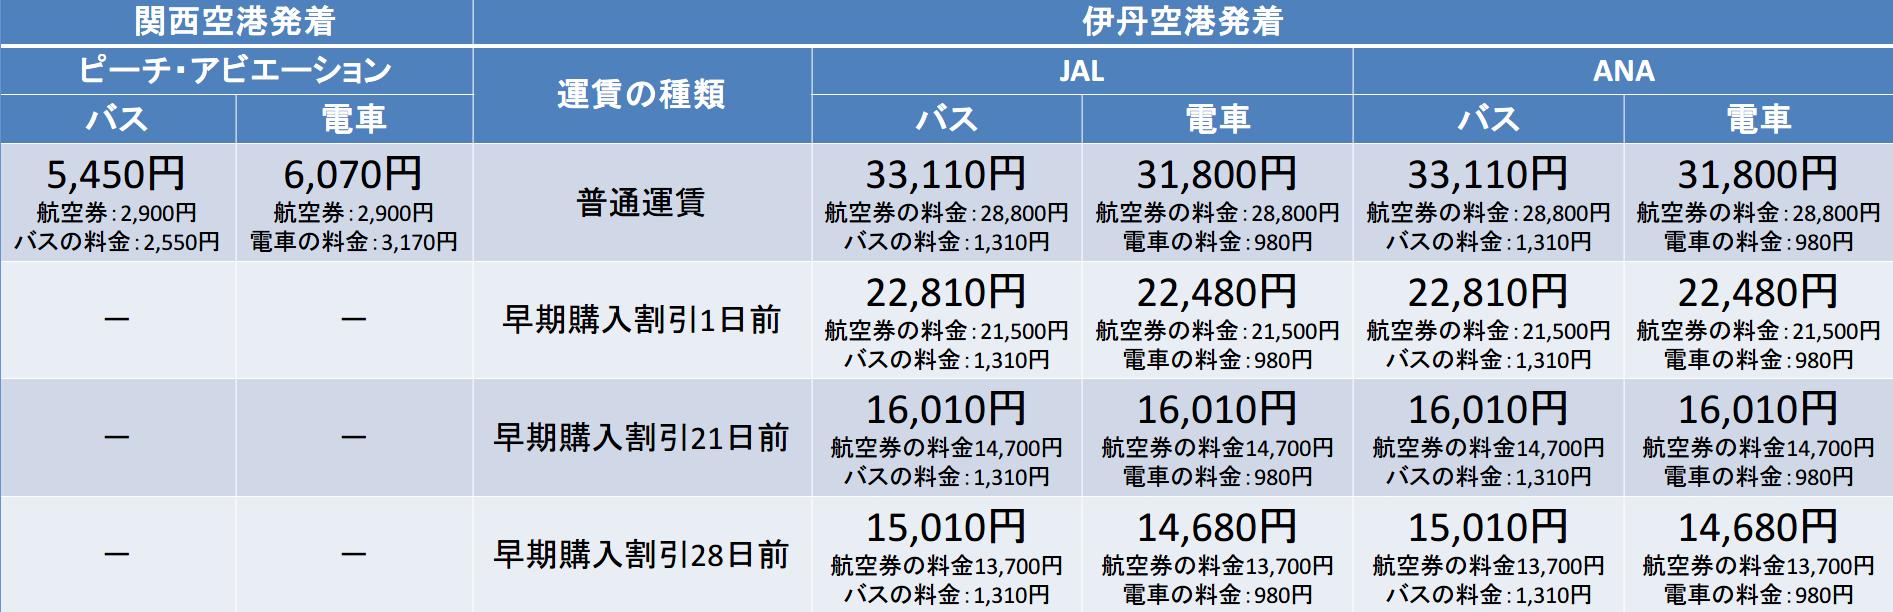 ピーチ・アビエーション、JAL、ANA、長崎空港-京都駅間の料金